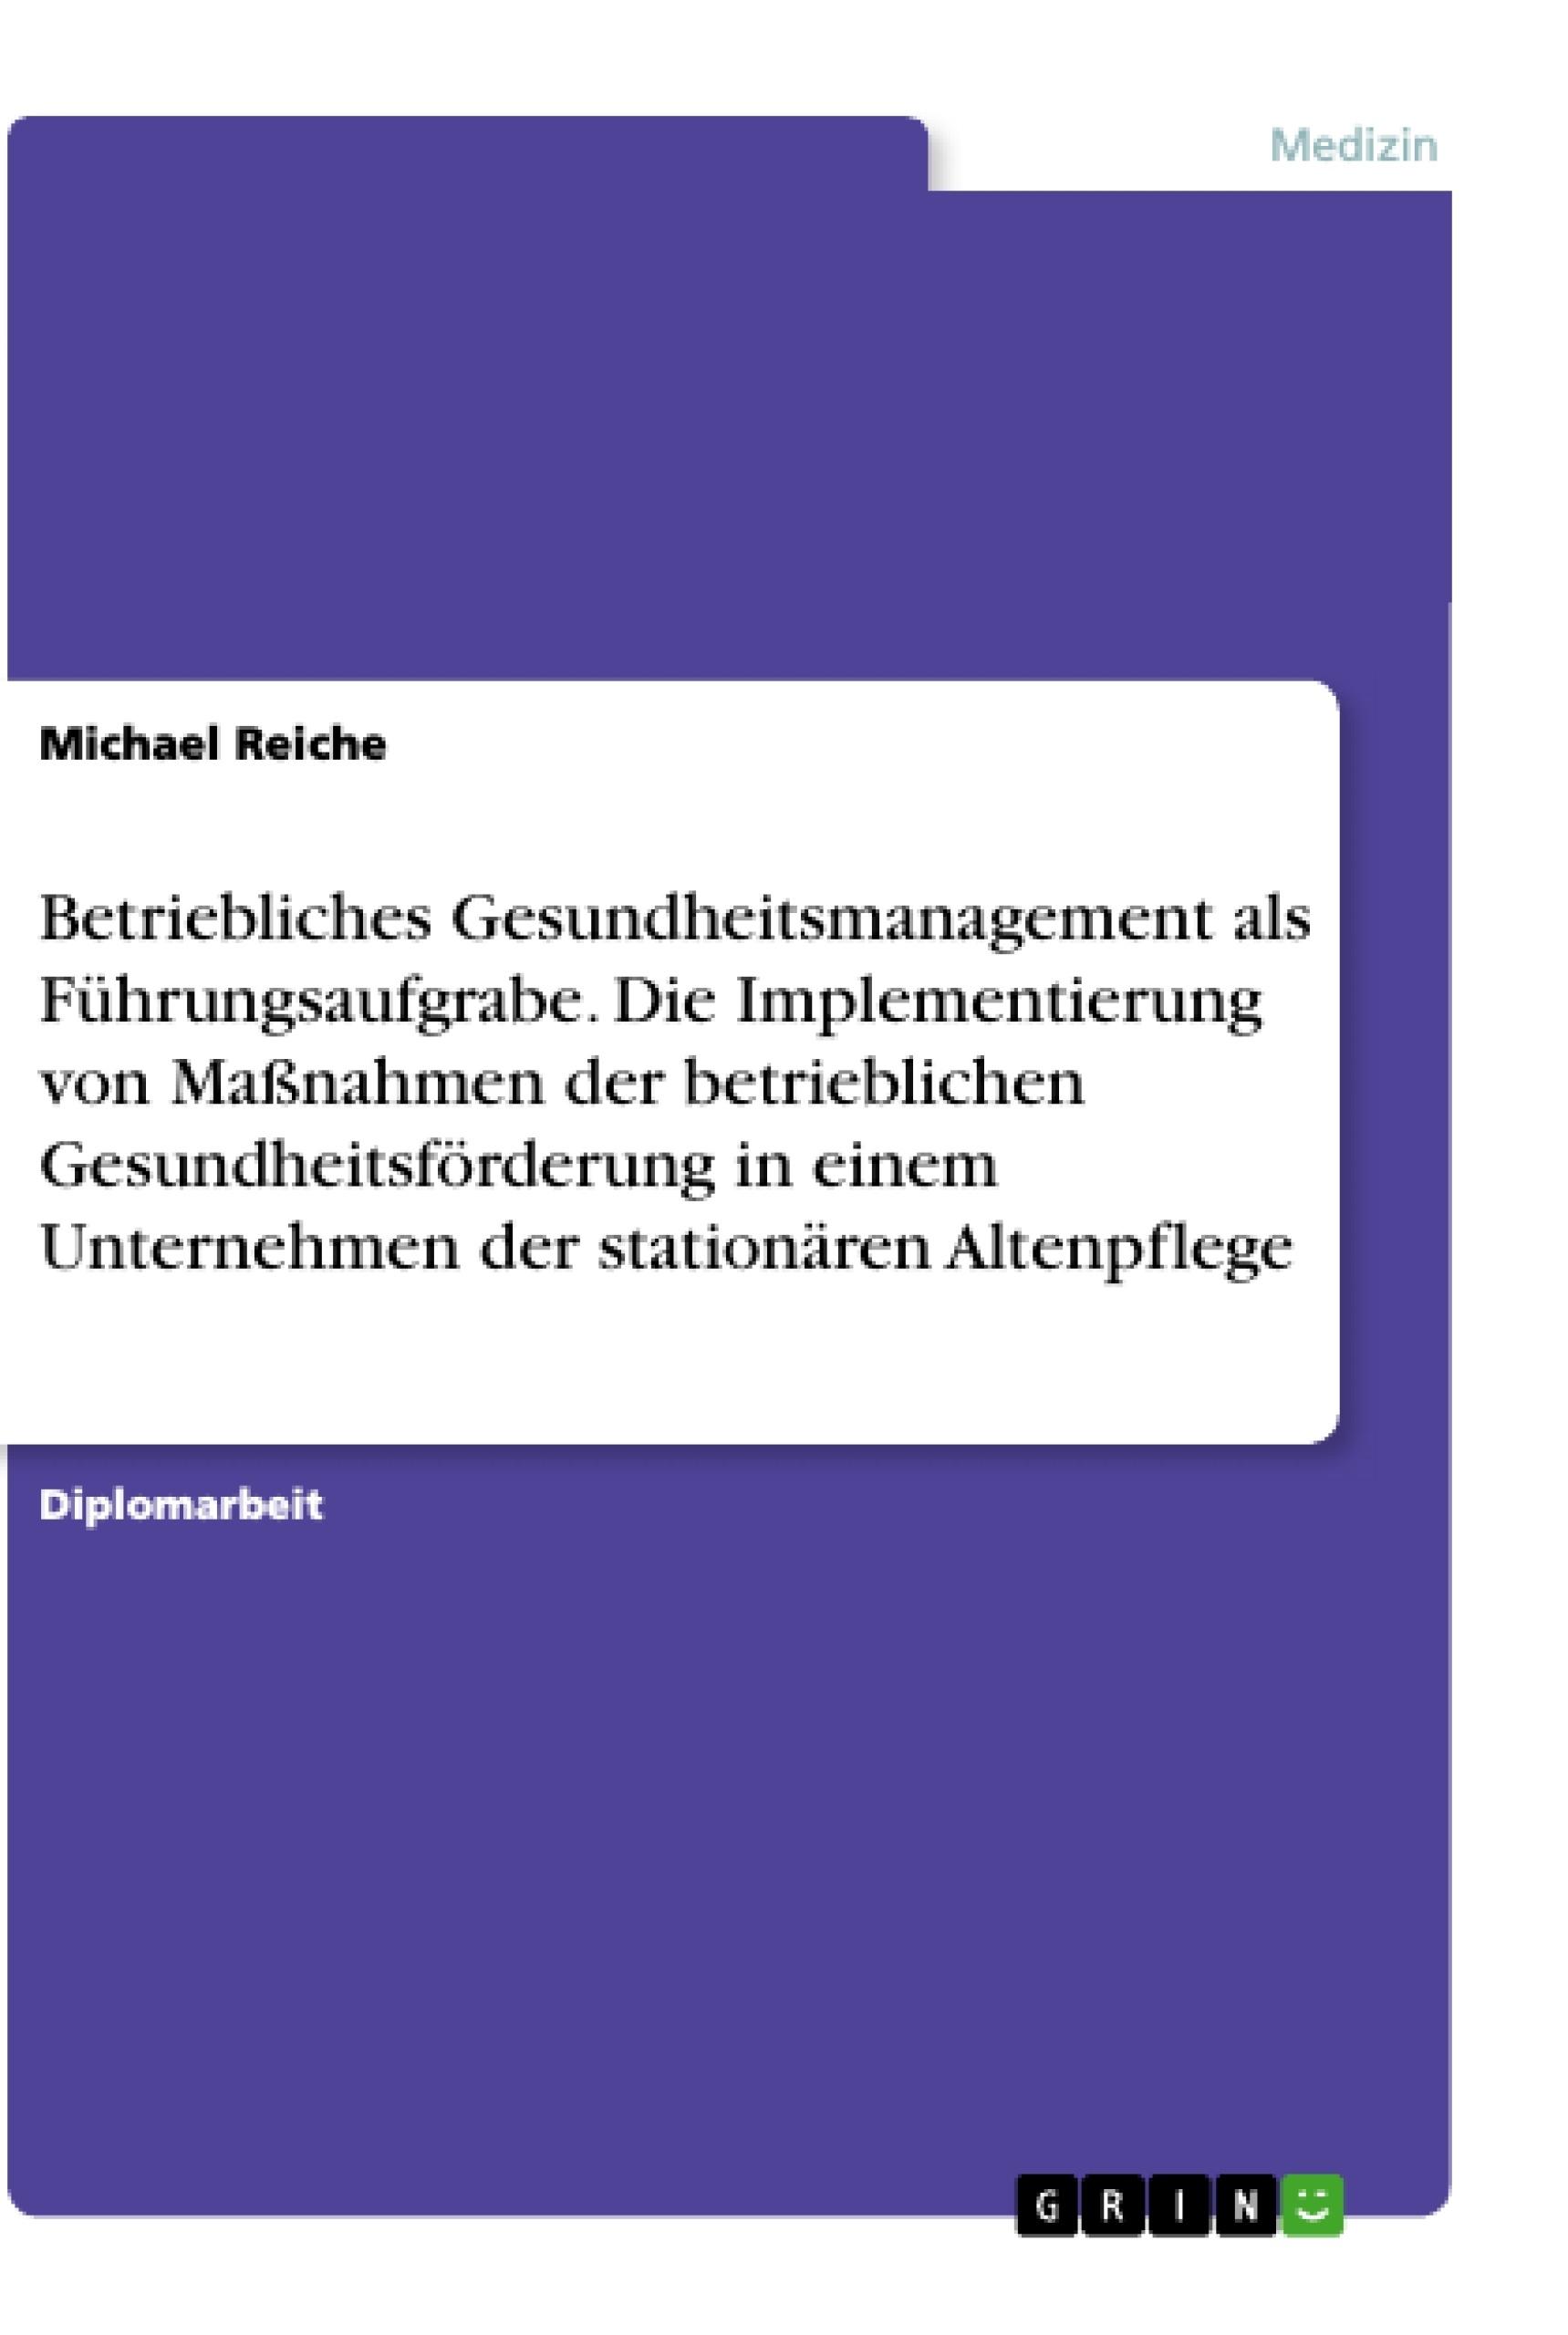 Titel: Betriebliches Gesundheitsmanagement als Führungsaufgrabe. Die Implementierung von Maßnahmen der betrieblichen Gesundheitsförderung in einem Unternehmen der stationären Altenpflege